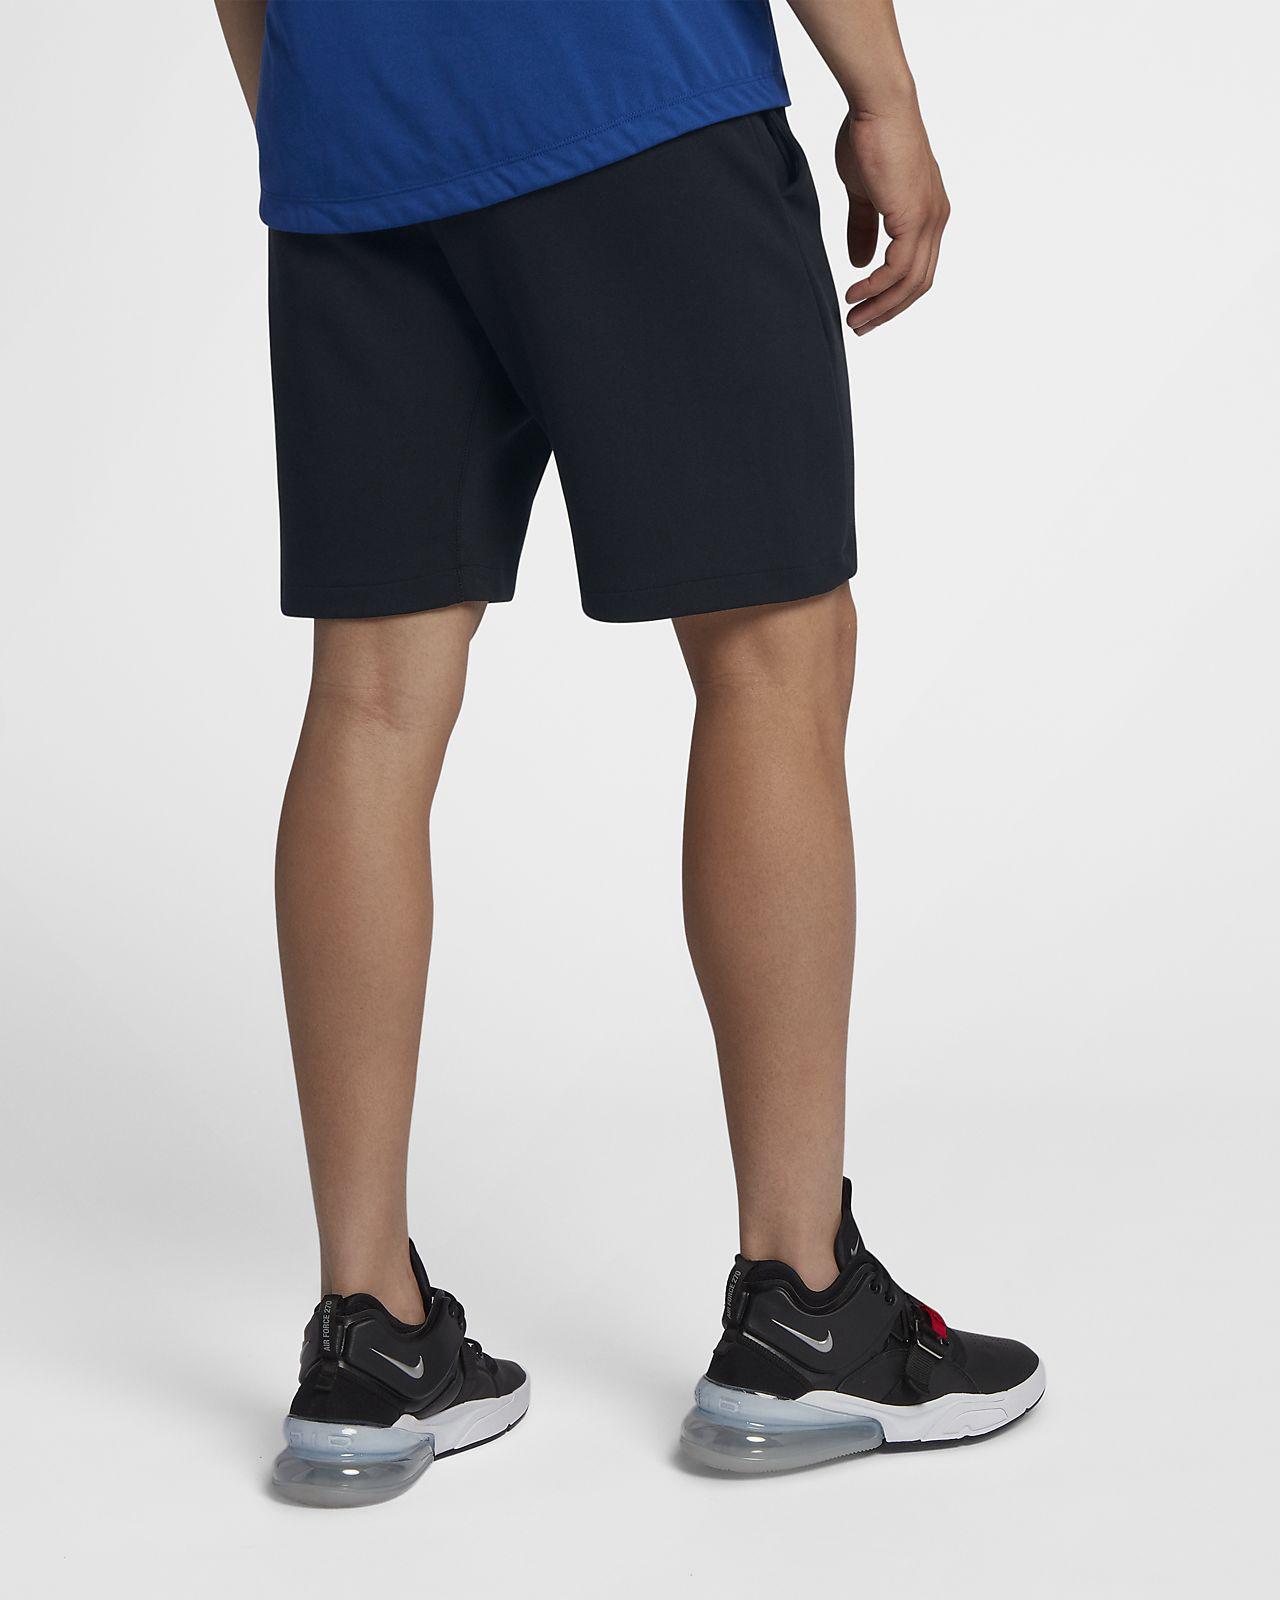 nike shorts fleece mens